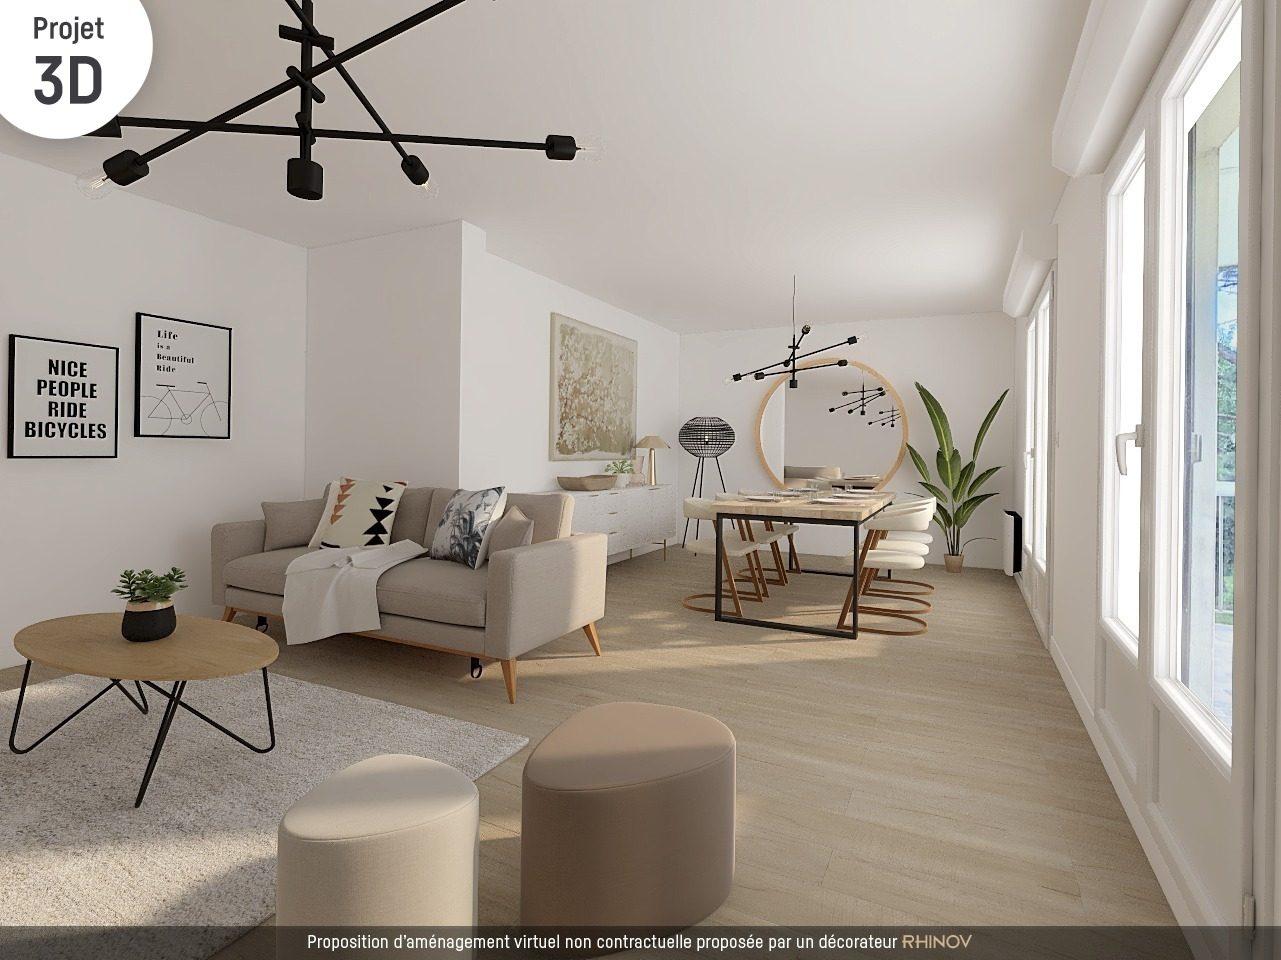 Appartement traversant 4 pièces 97,5m2 à Oberhausbergen - Devenez propriétaire en toute confiance - Bintz Immobilier - 3